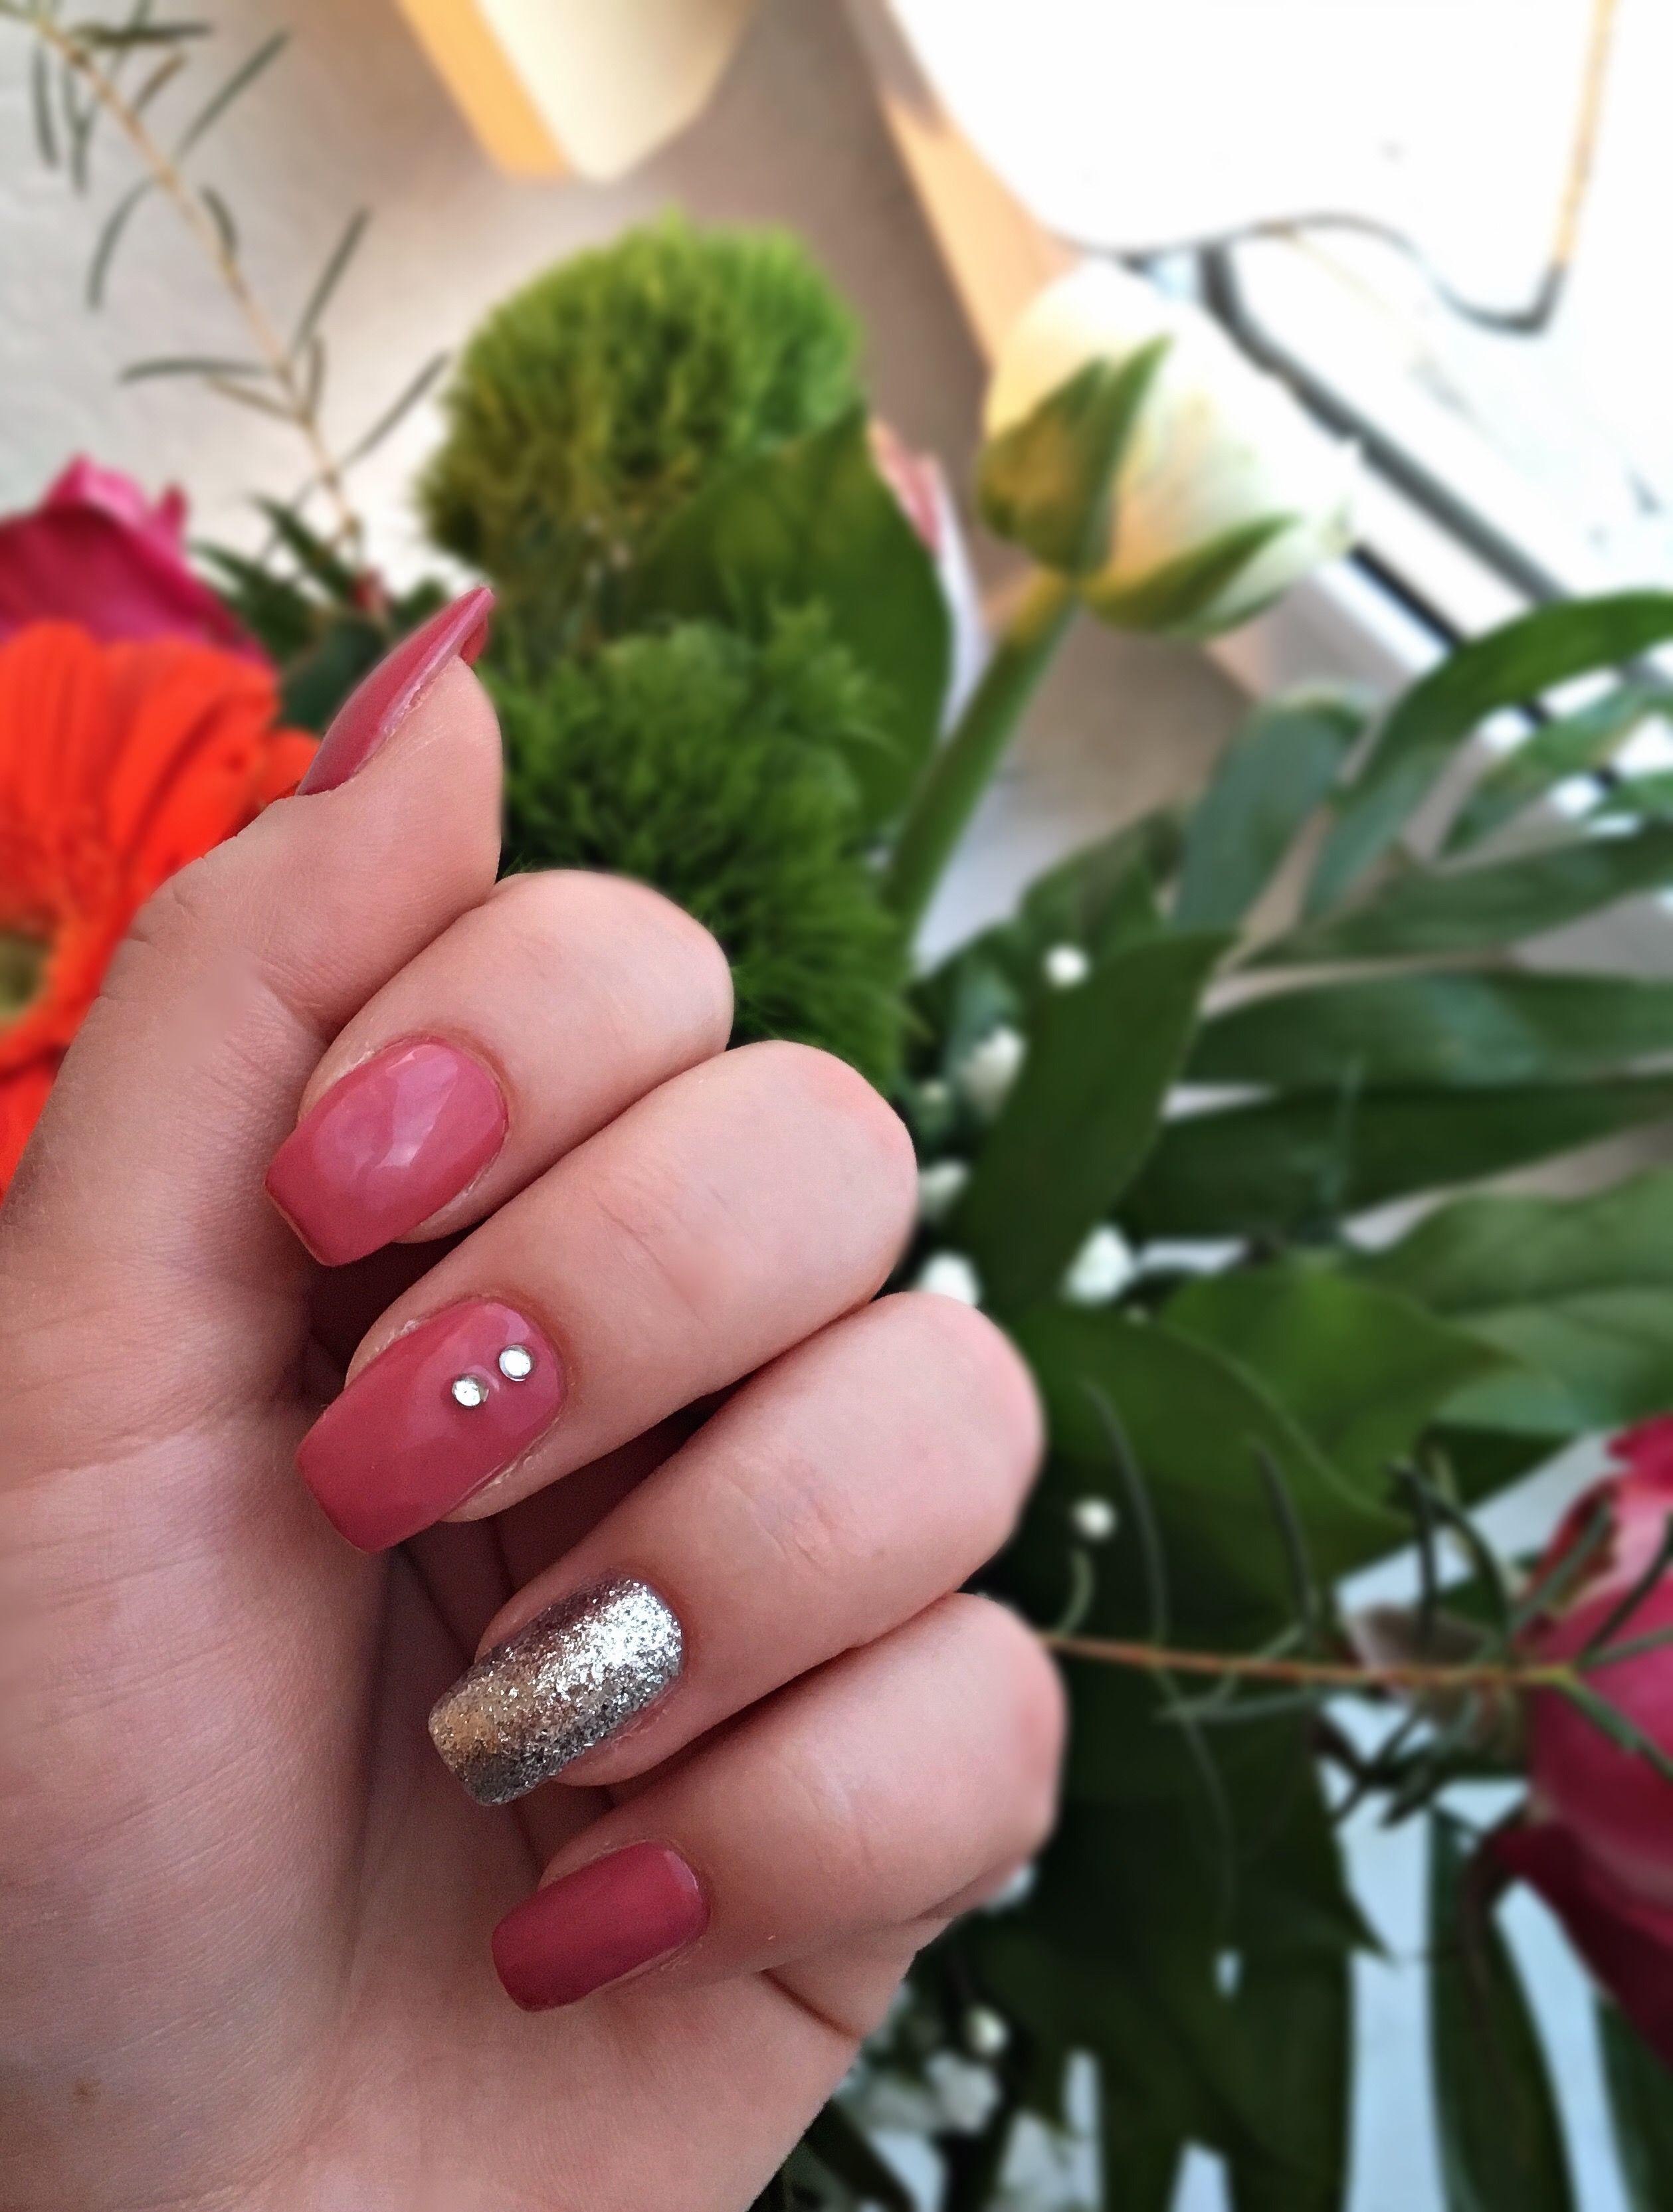 Nails Nailart Nageldesign Altrosa Glitzer Glitter Springnails Nageldesign Altrosa Nageldesign Altrosa